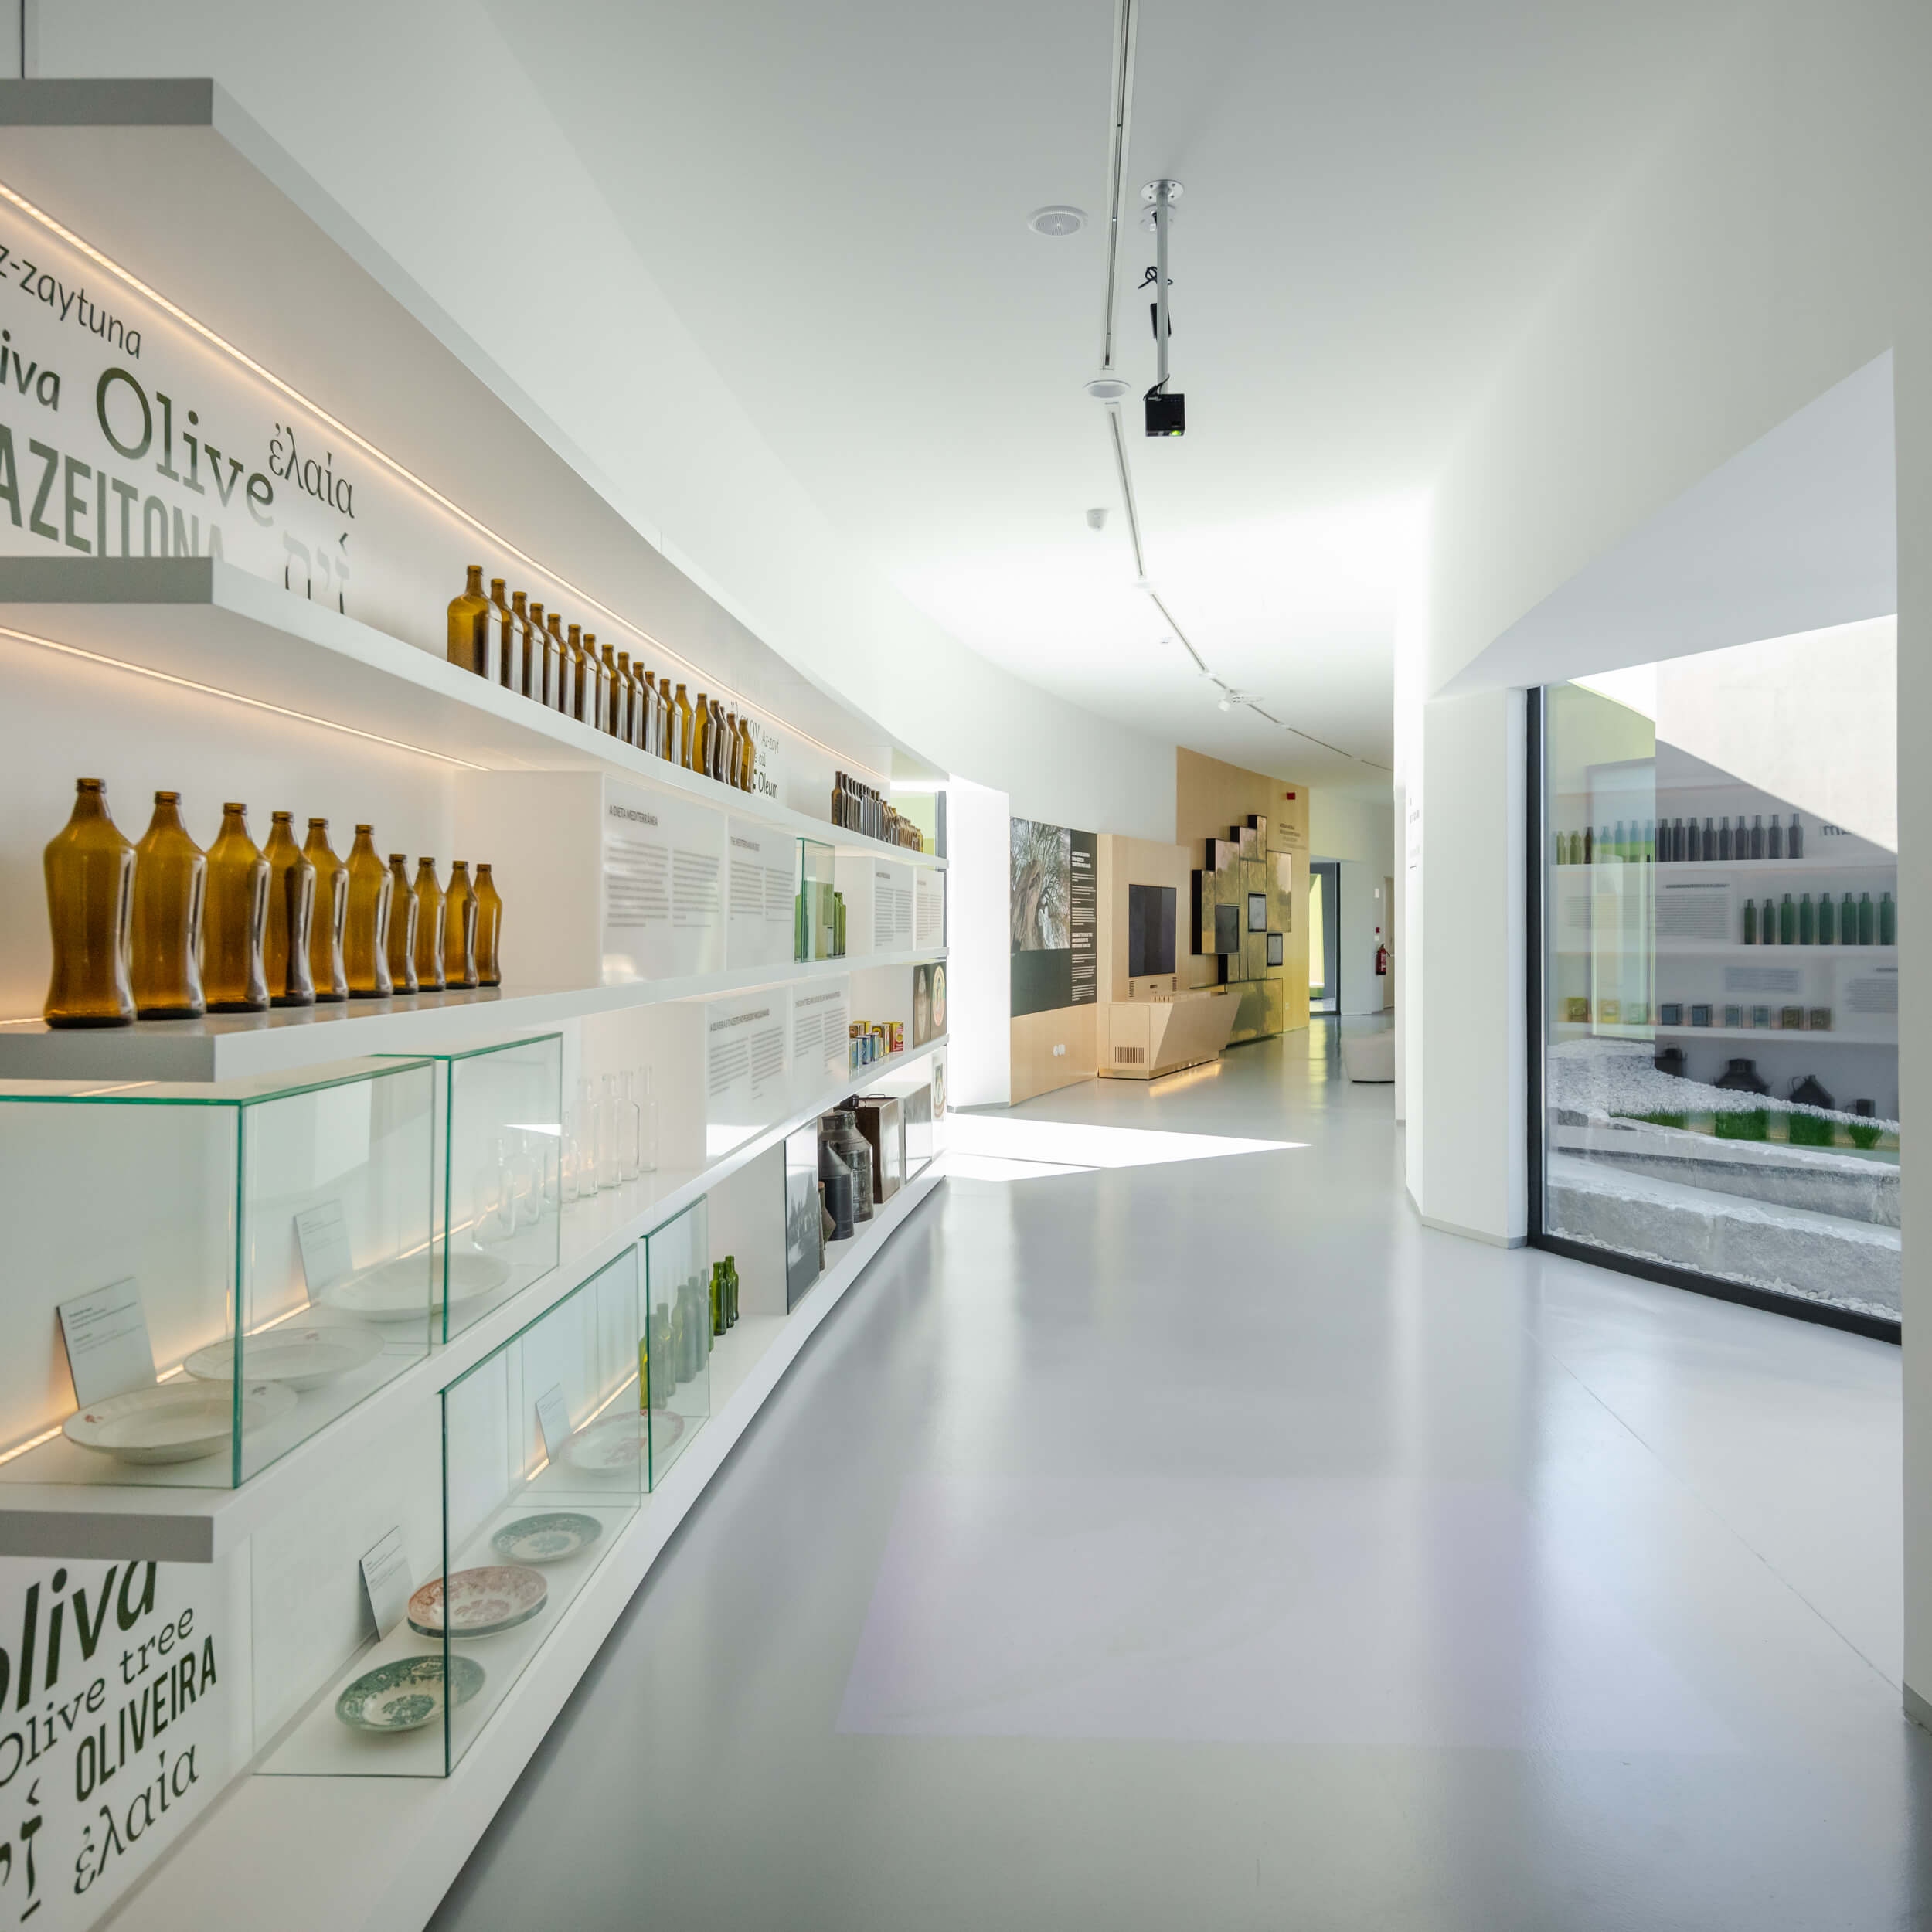 Museu do Azeite